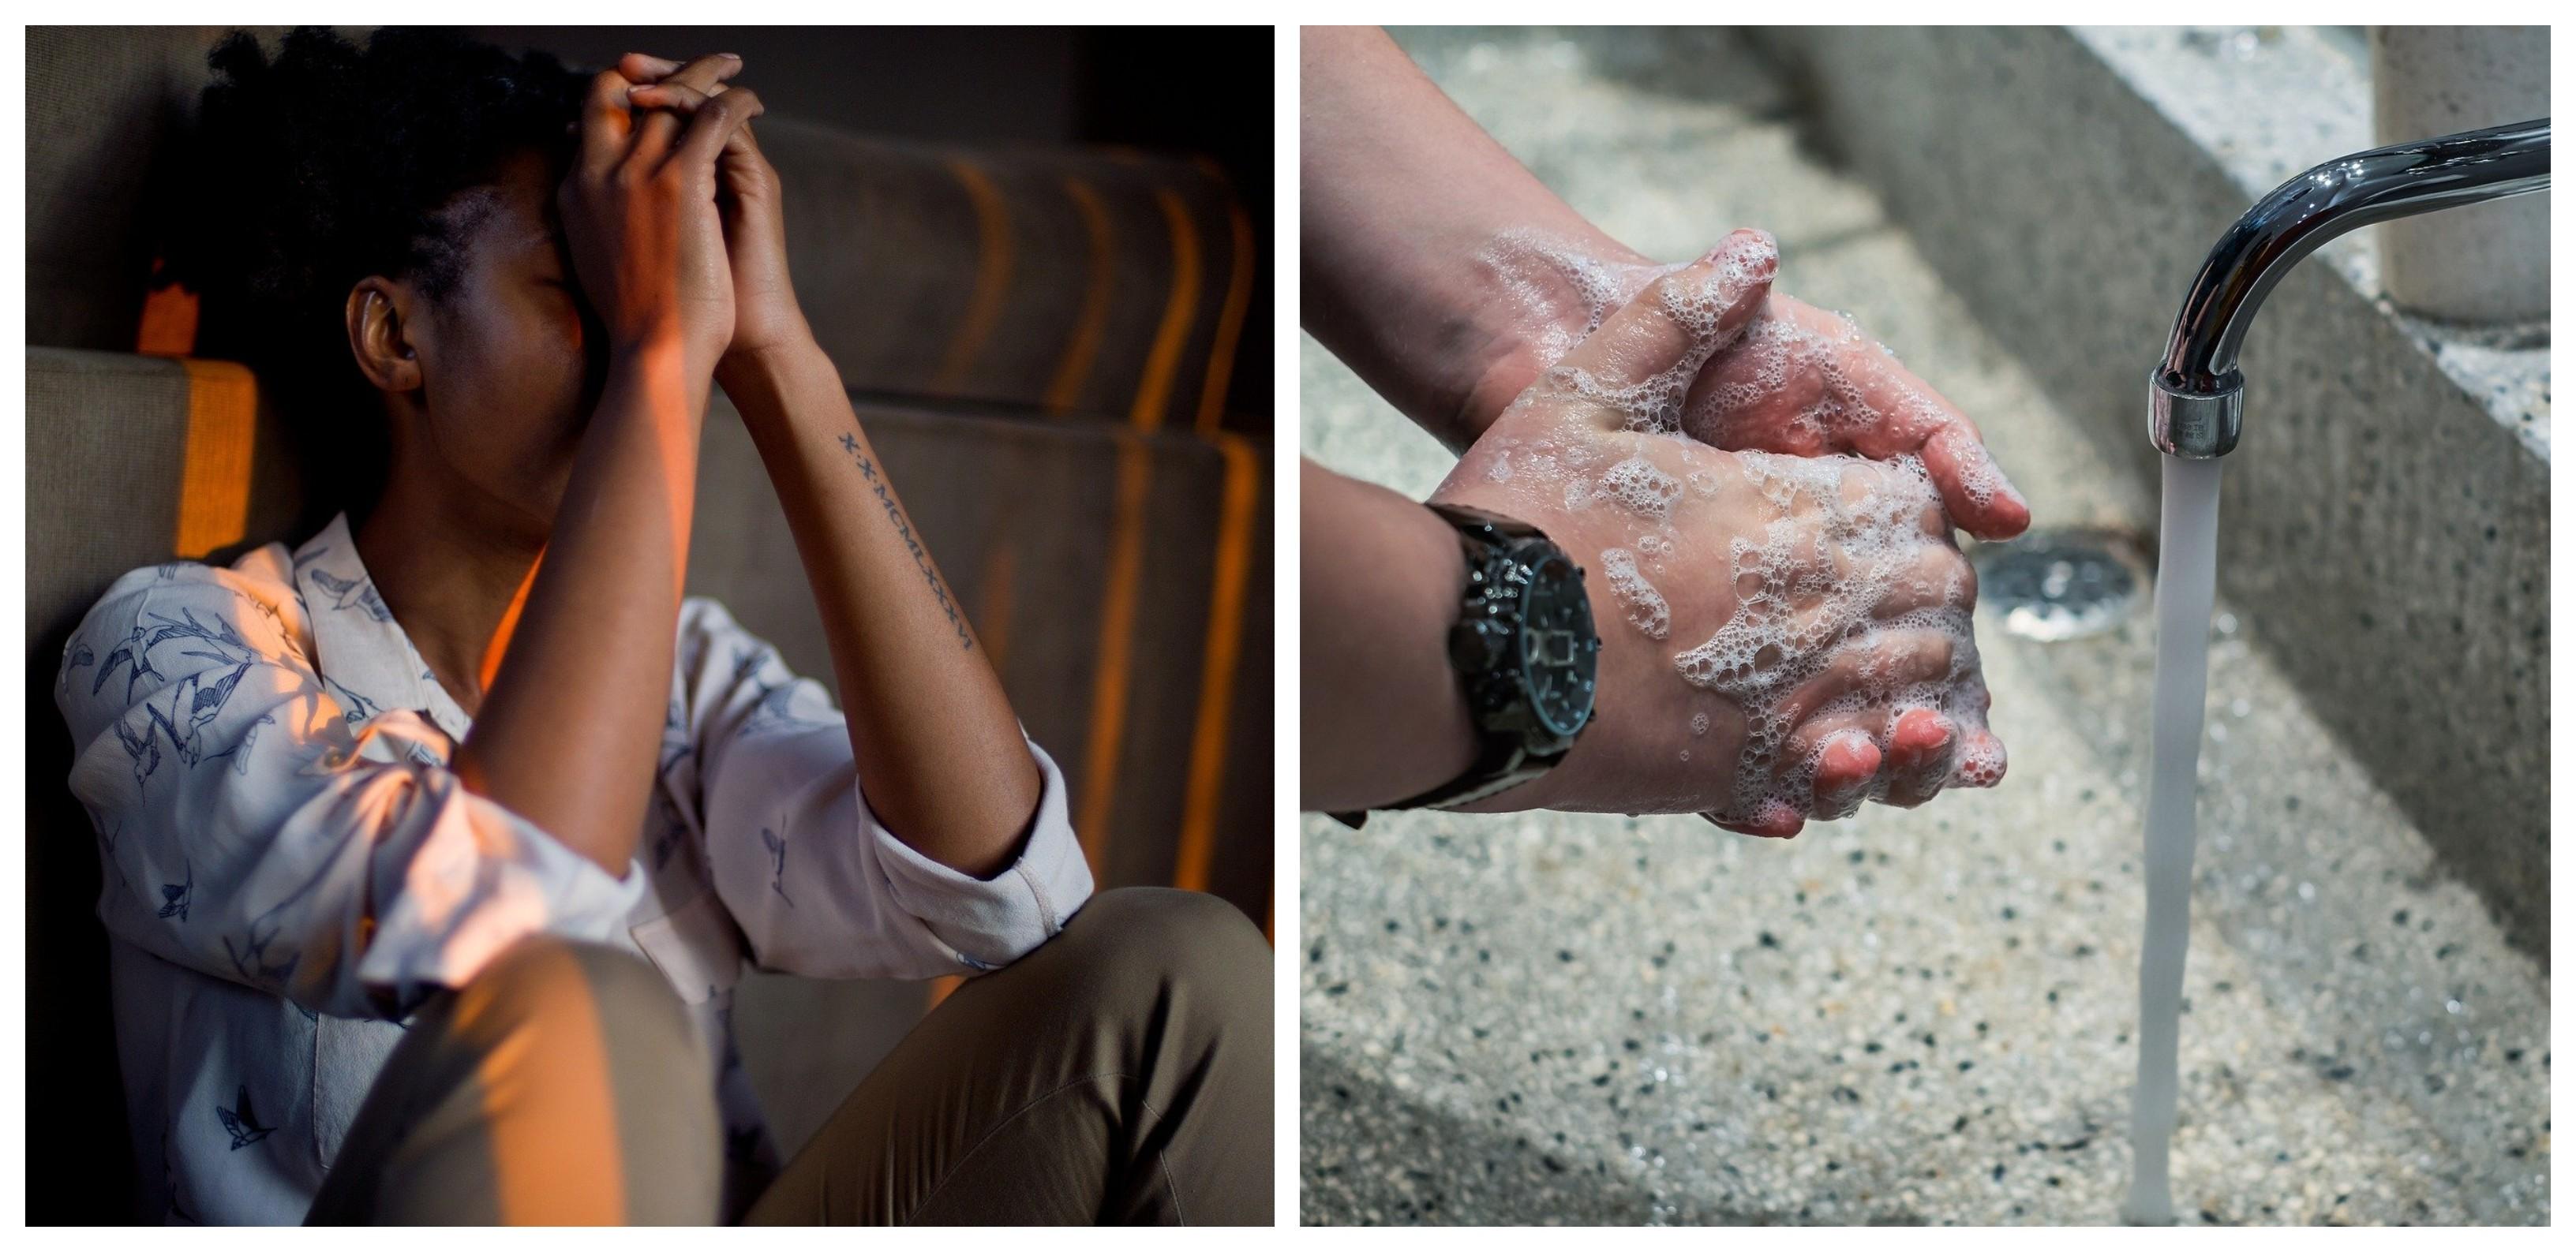 Lavage de mains et femme déprimée assise au sol